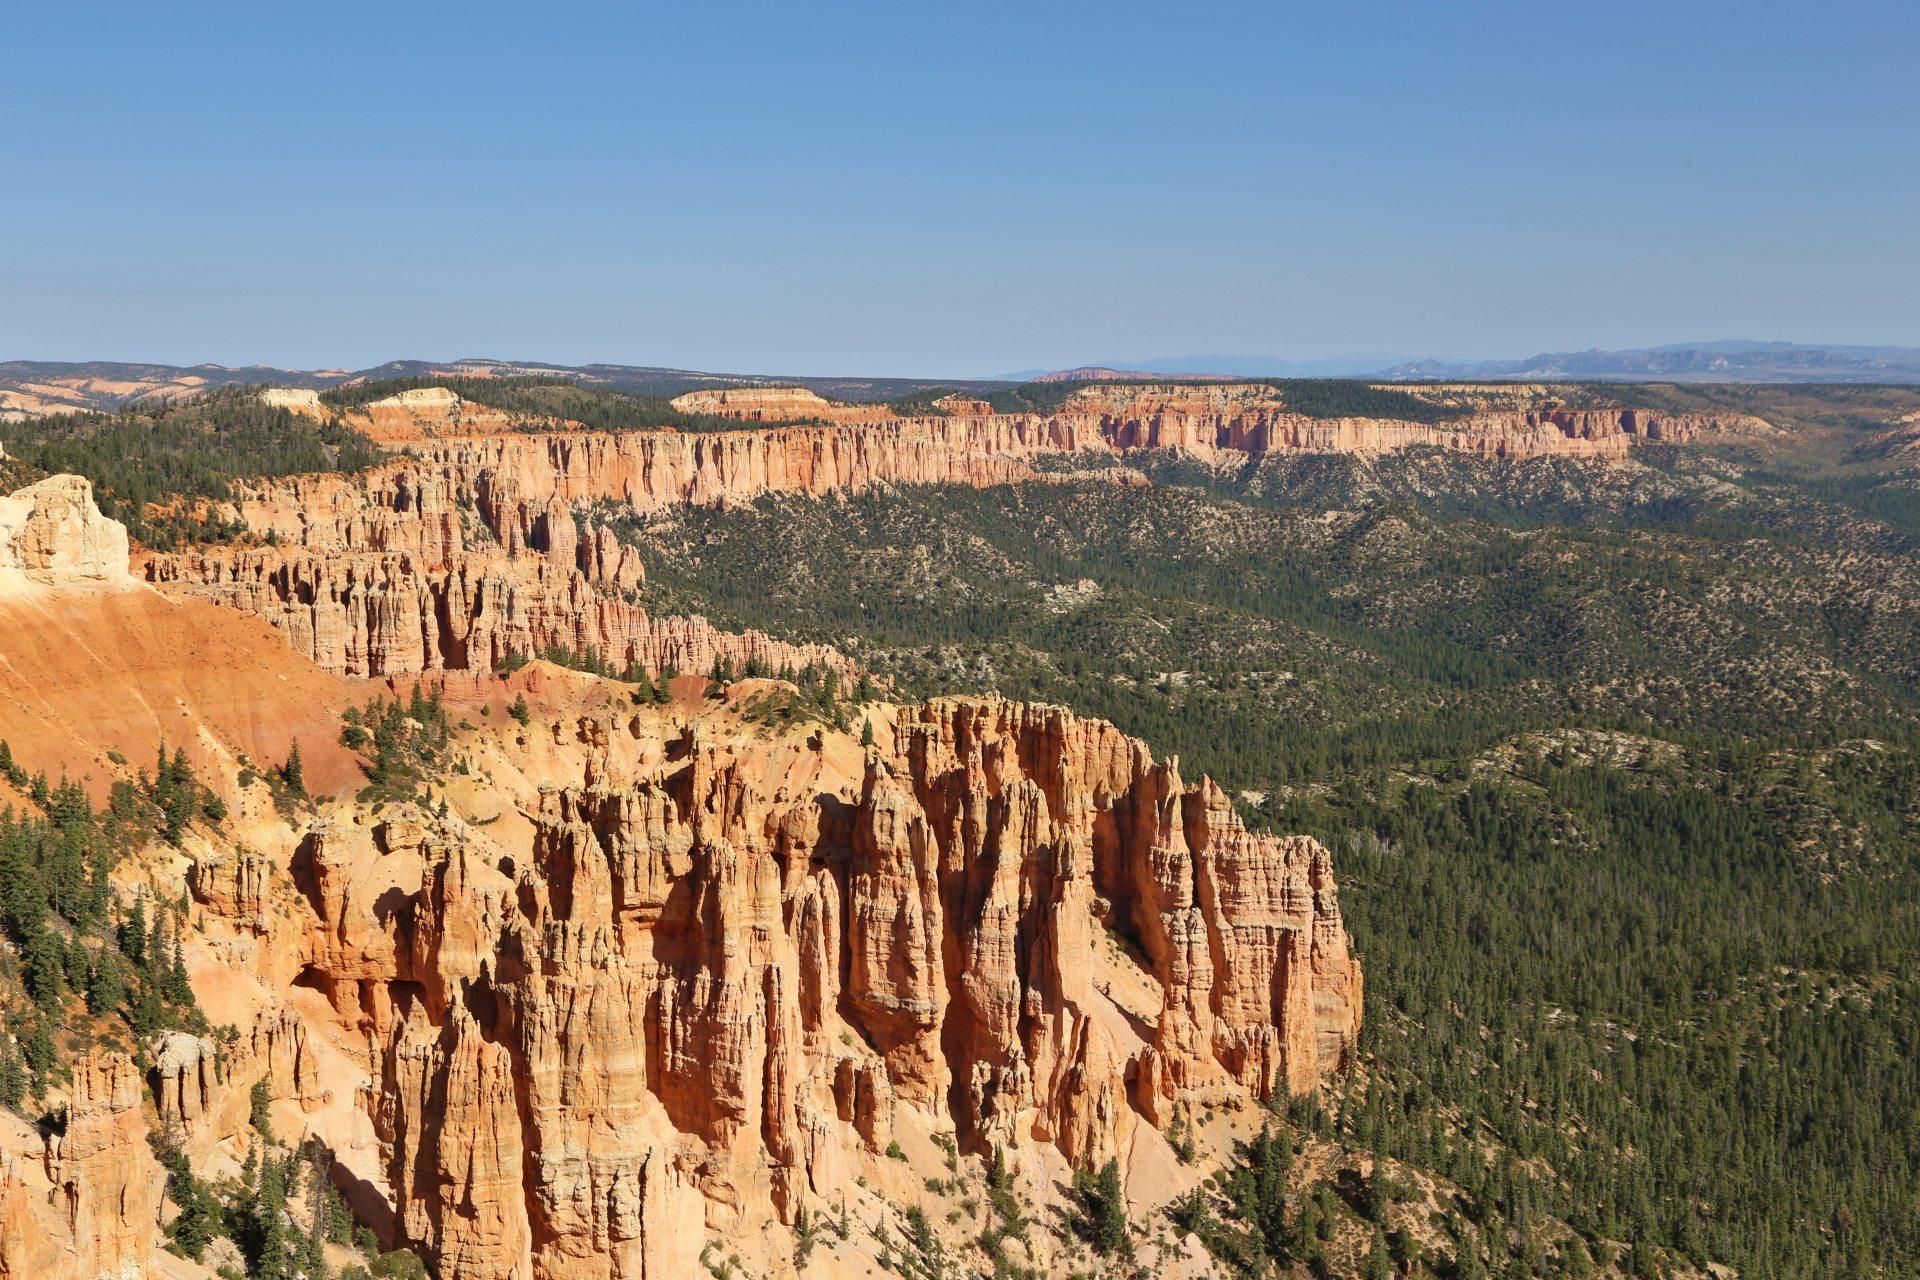 Bryce - ein Naturjuwel! - Aussicht, Bäume, Bryce Canyon National Park, Canyon, Erosion, farbenfroh, Felsnadeln, Felstürme, Fernsicht, Geologie, Gestein, Gesteinssäulen, Gesteinsschichten, Himmel, Hoodoos, Landschaft, Monolithen, Natur, Panorama, Sandstein, Utah - (Georgetown, Bryce, Utah, Vereinigte Staaten)